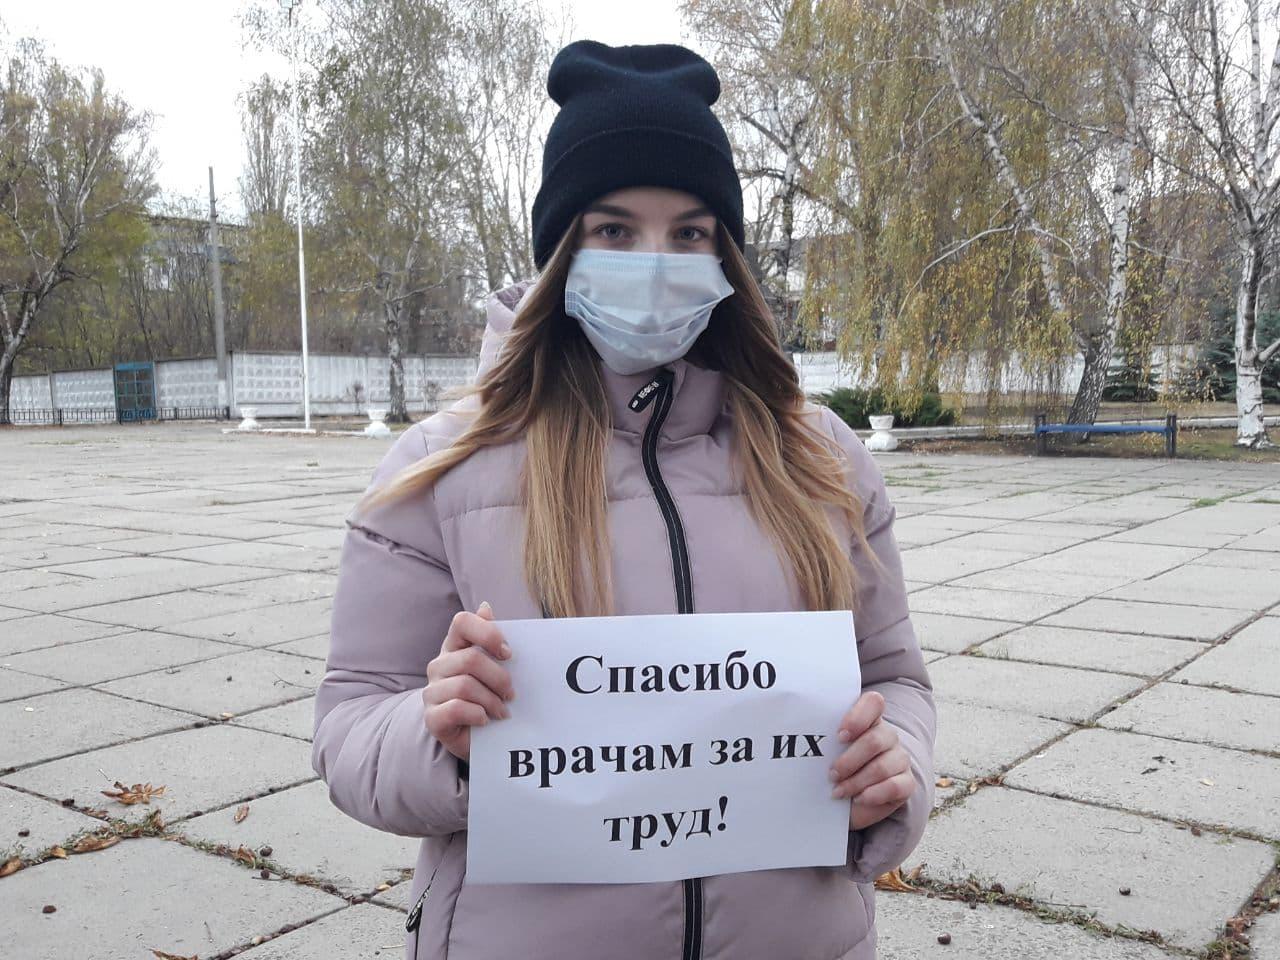 Кировские активисты проекта «Молодая Гвардия» поддержали врачей ЛНР